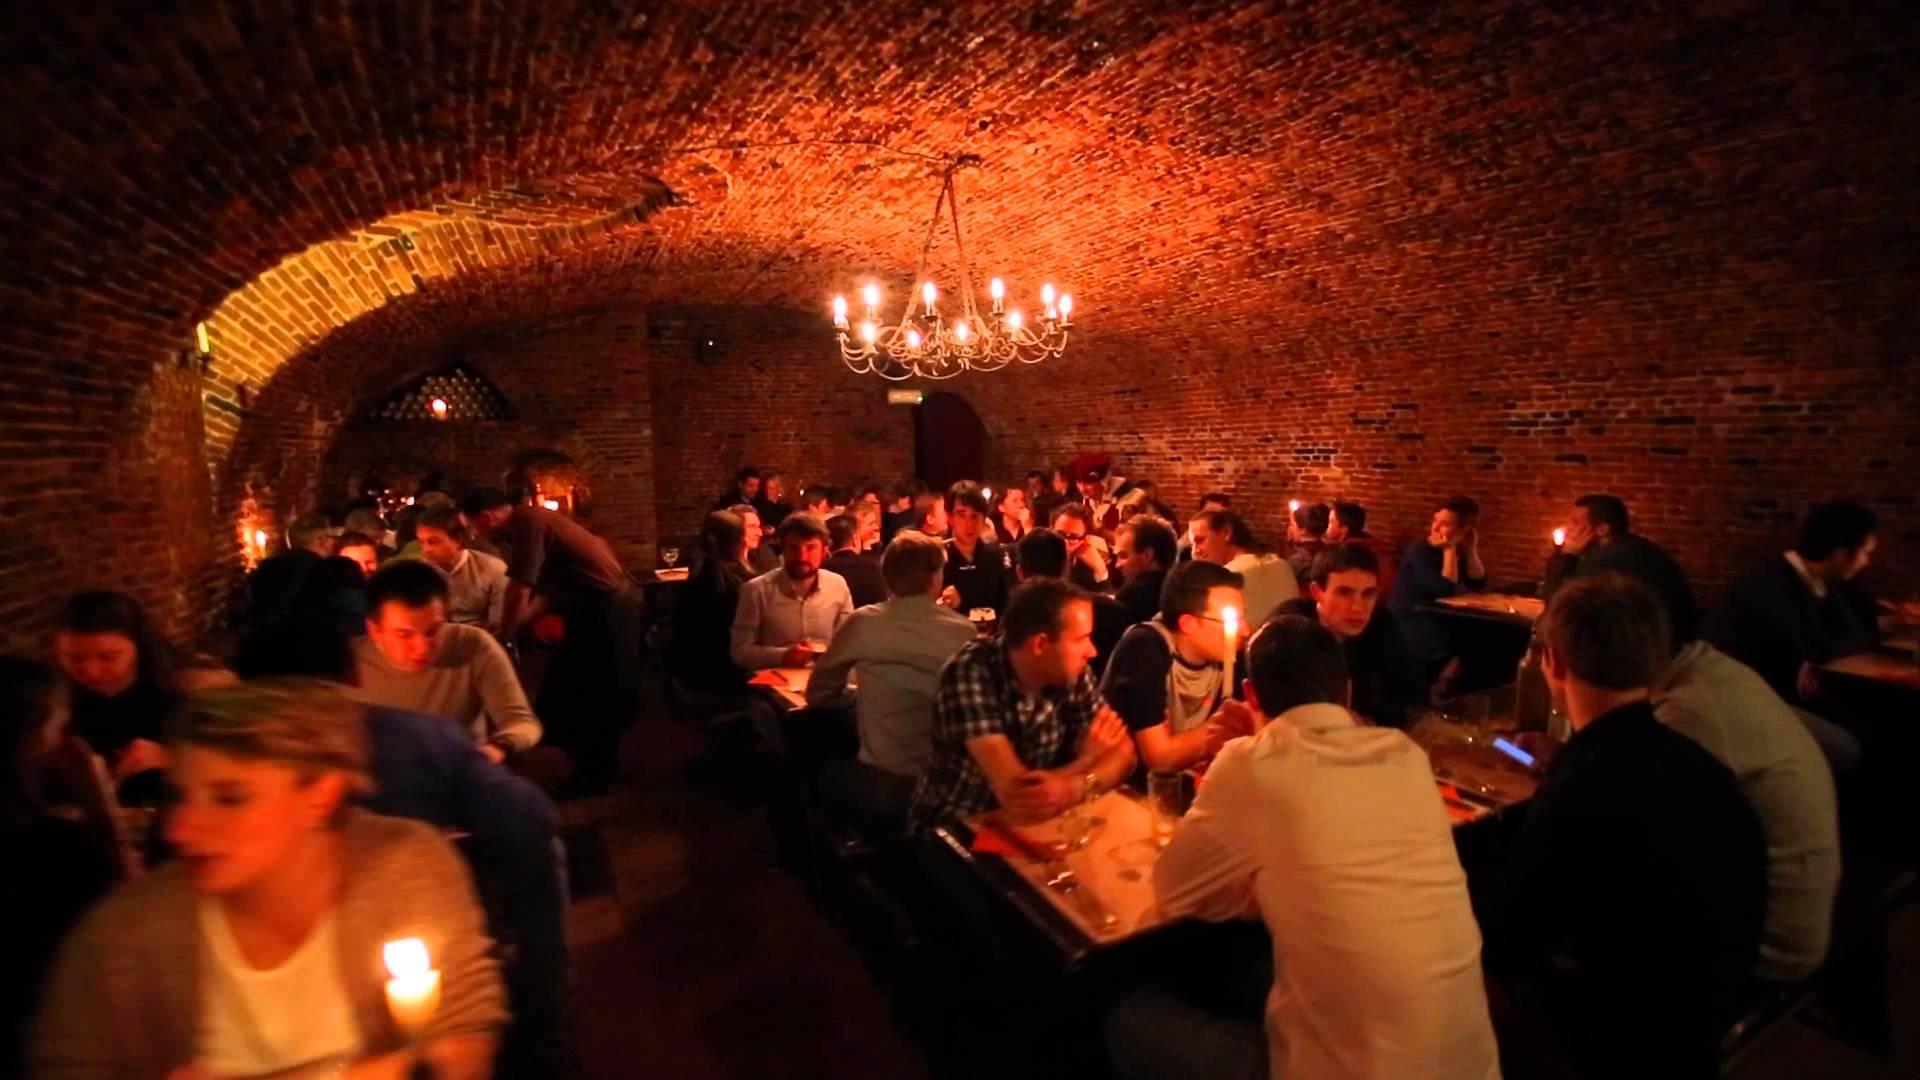 ベルギー アントワープのおすすめレストランとカフェをご紹介